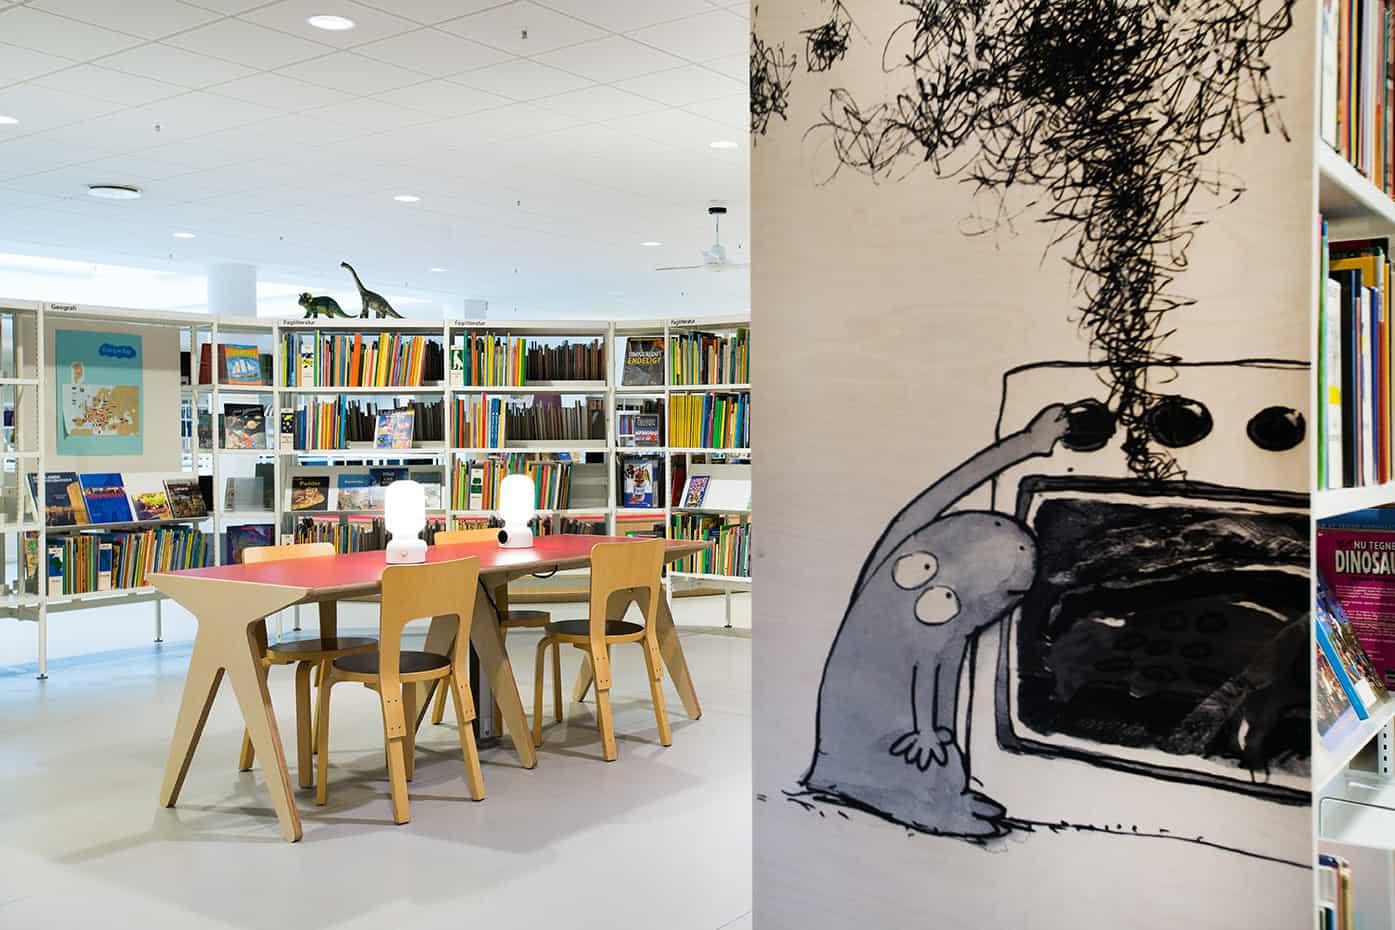 RITAarch, Indretning, spaceplanning, biblioteksdesign, biblioteksindretning, wayfinding, grafik, spaceplanning, arkitektur, atrium, læseområde, fordybelsesområde, holbæk bibliotek